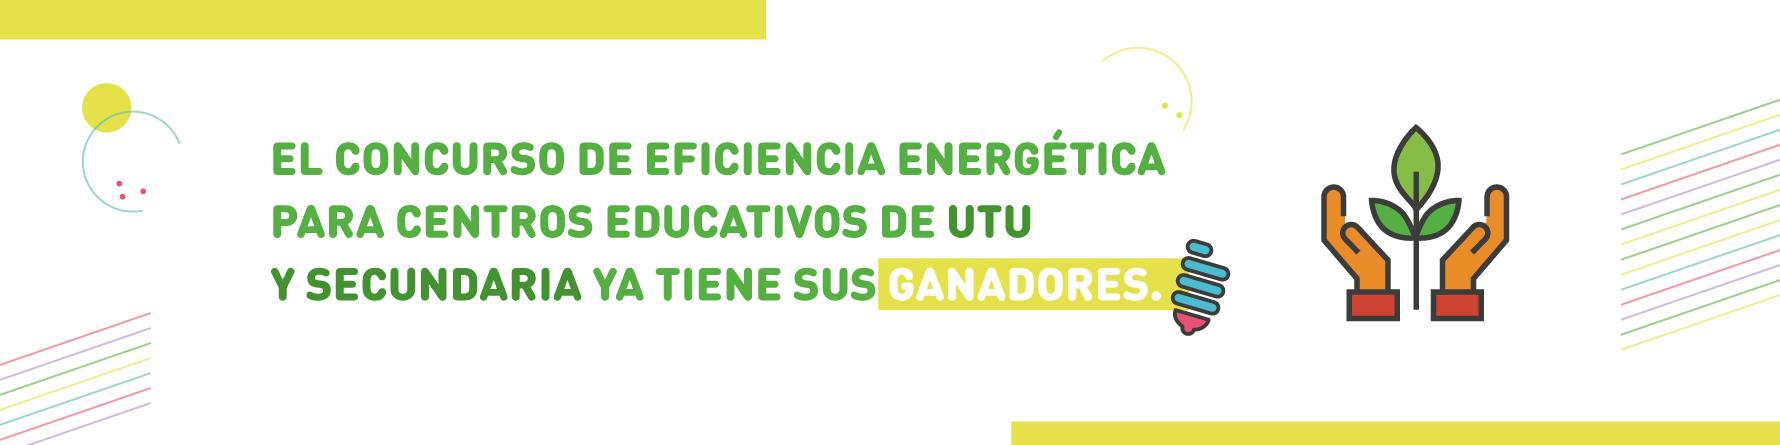 Ganadores Concurso Eficiencia Energética en UTU y Secundaria 2017